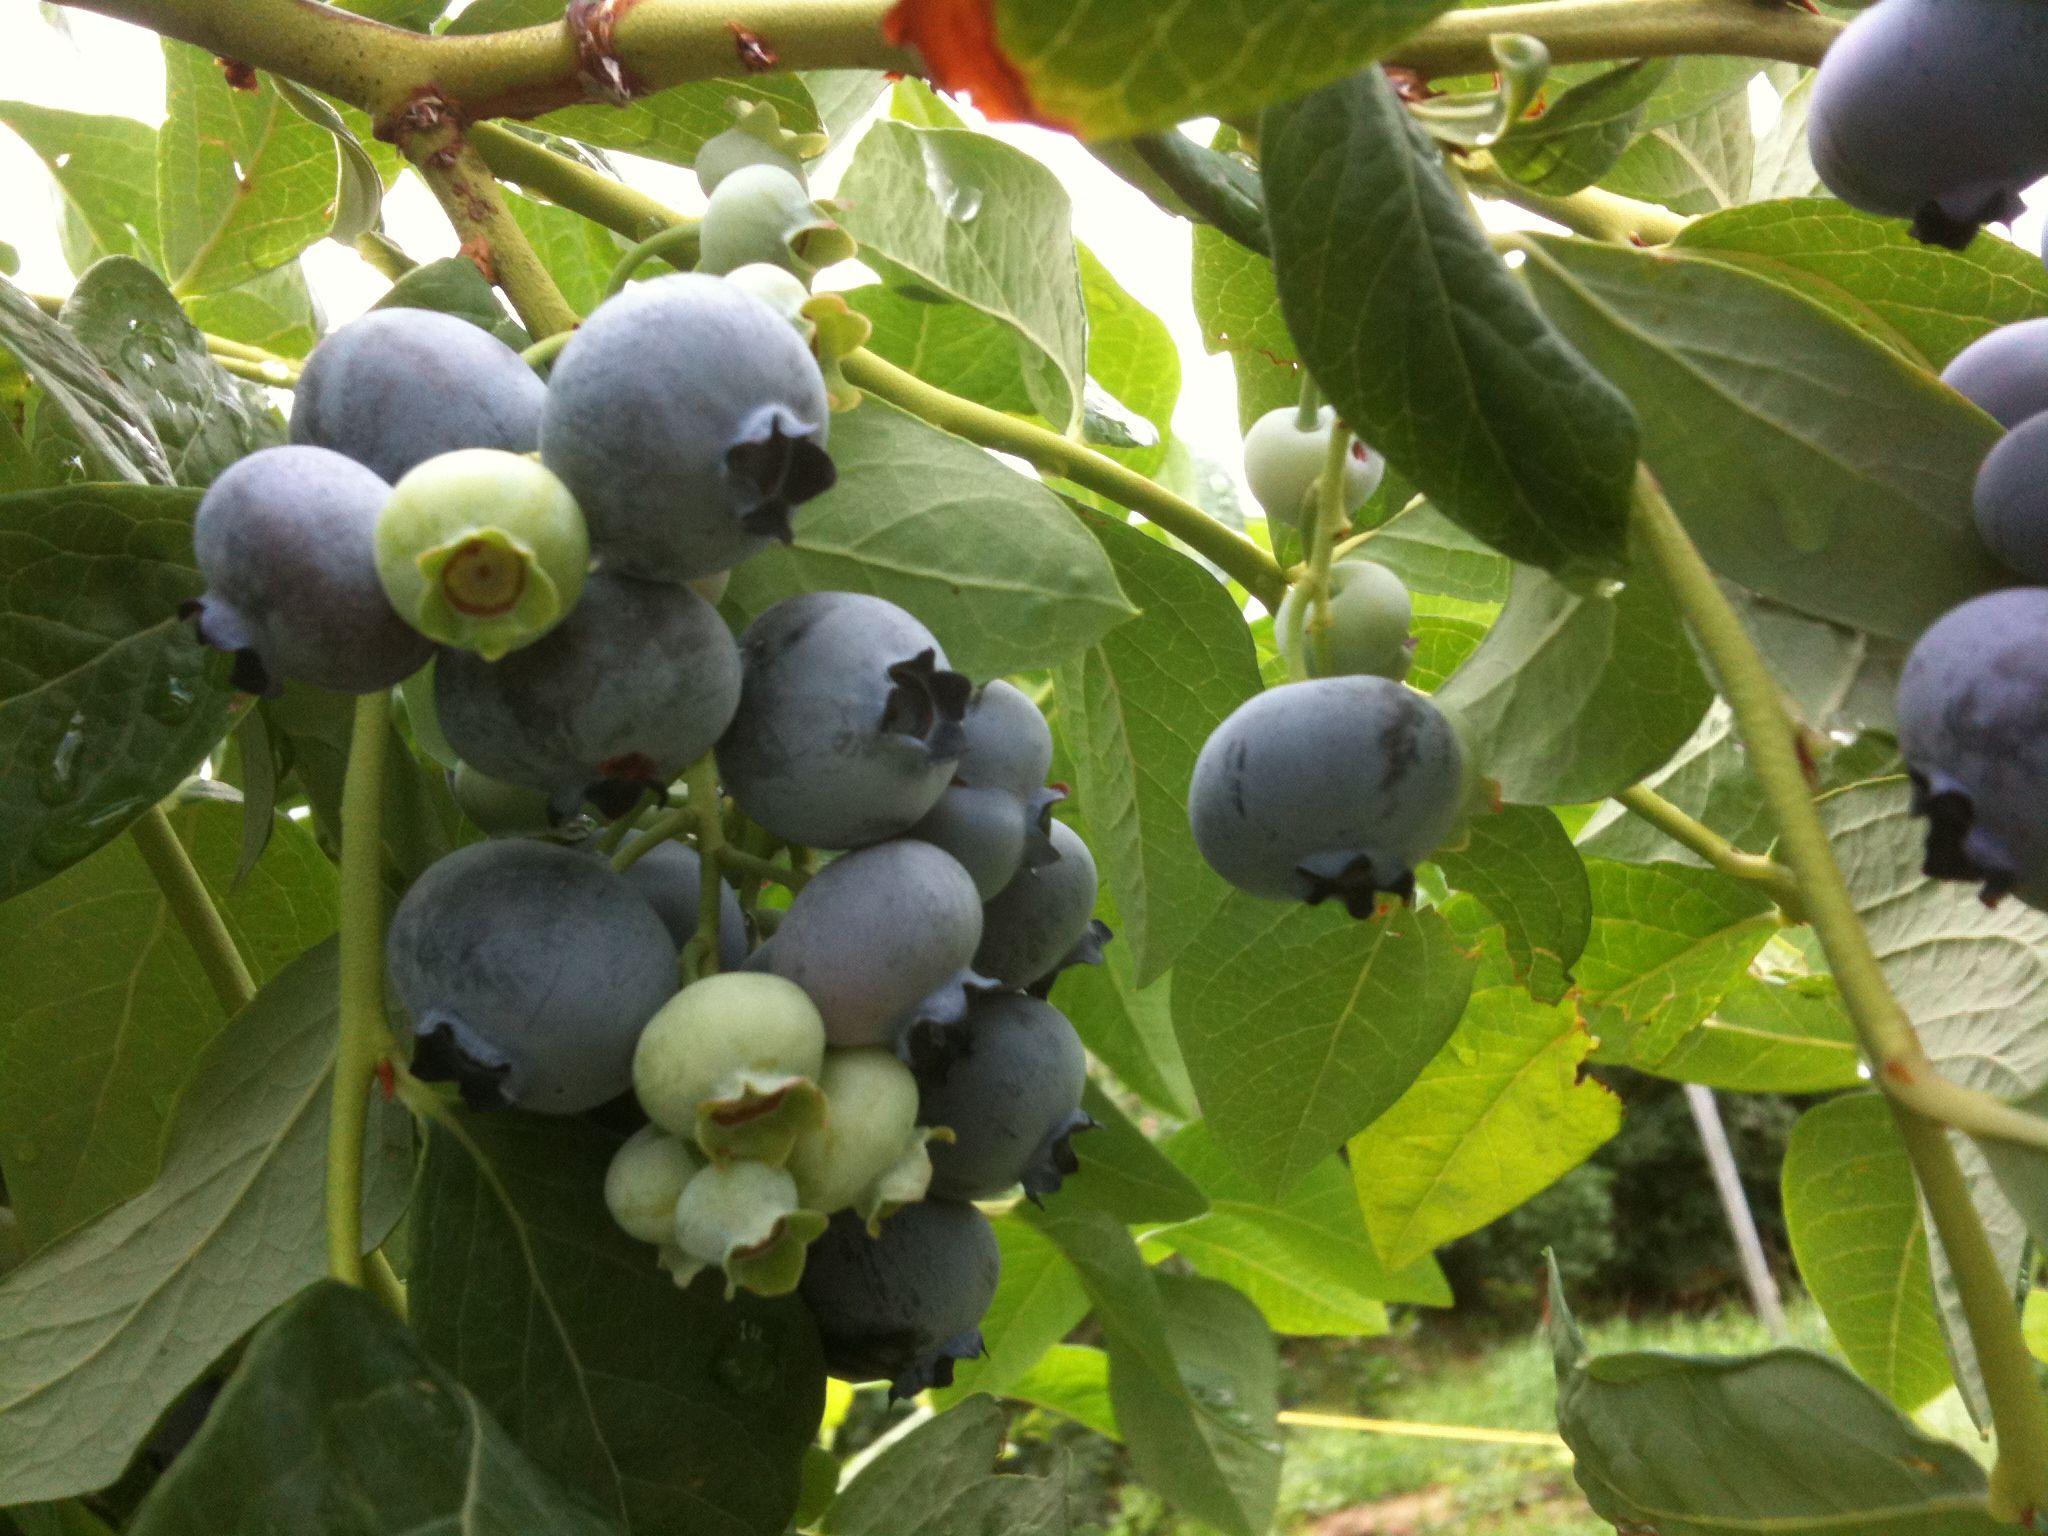 Blueberry season picking and freezing blueberry